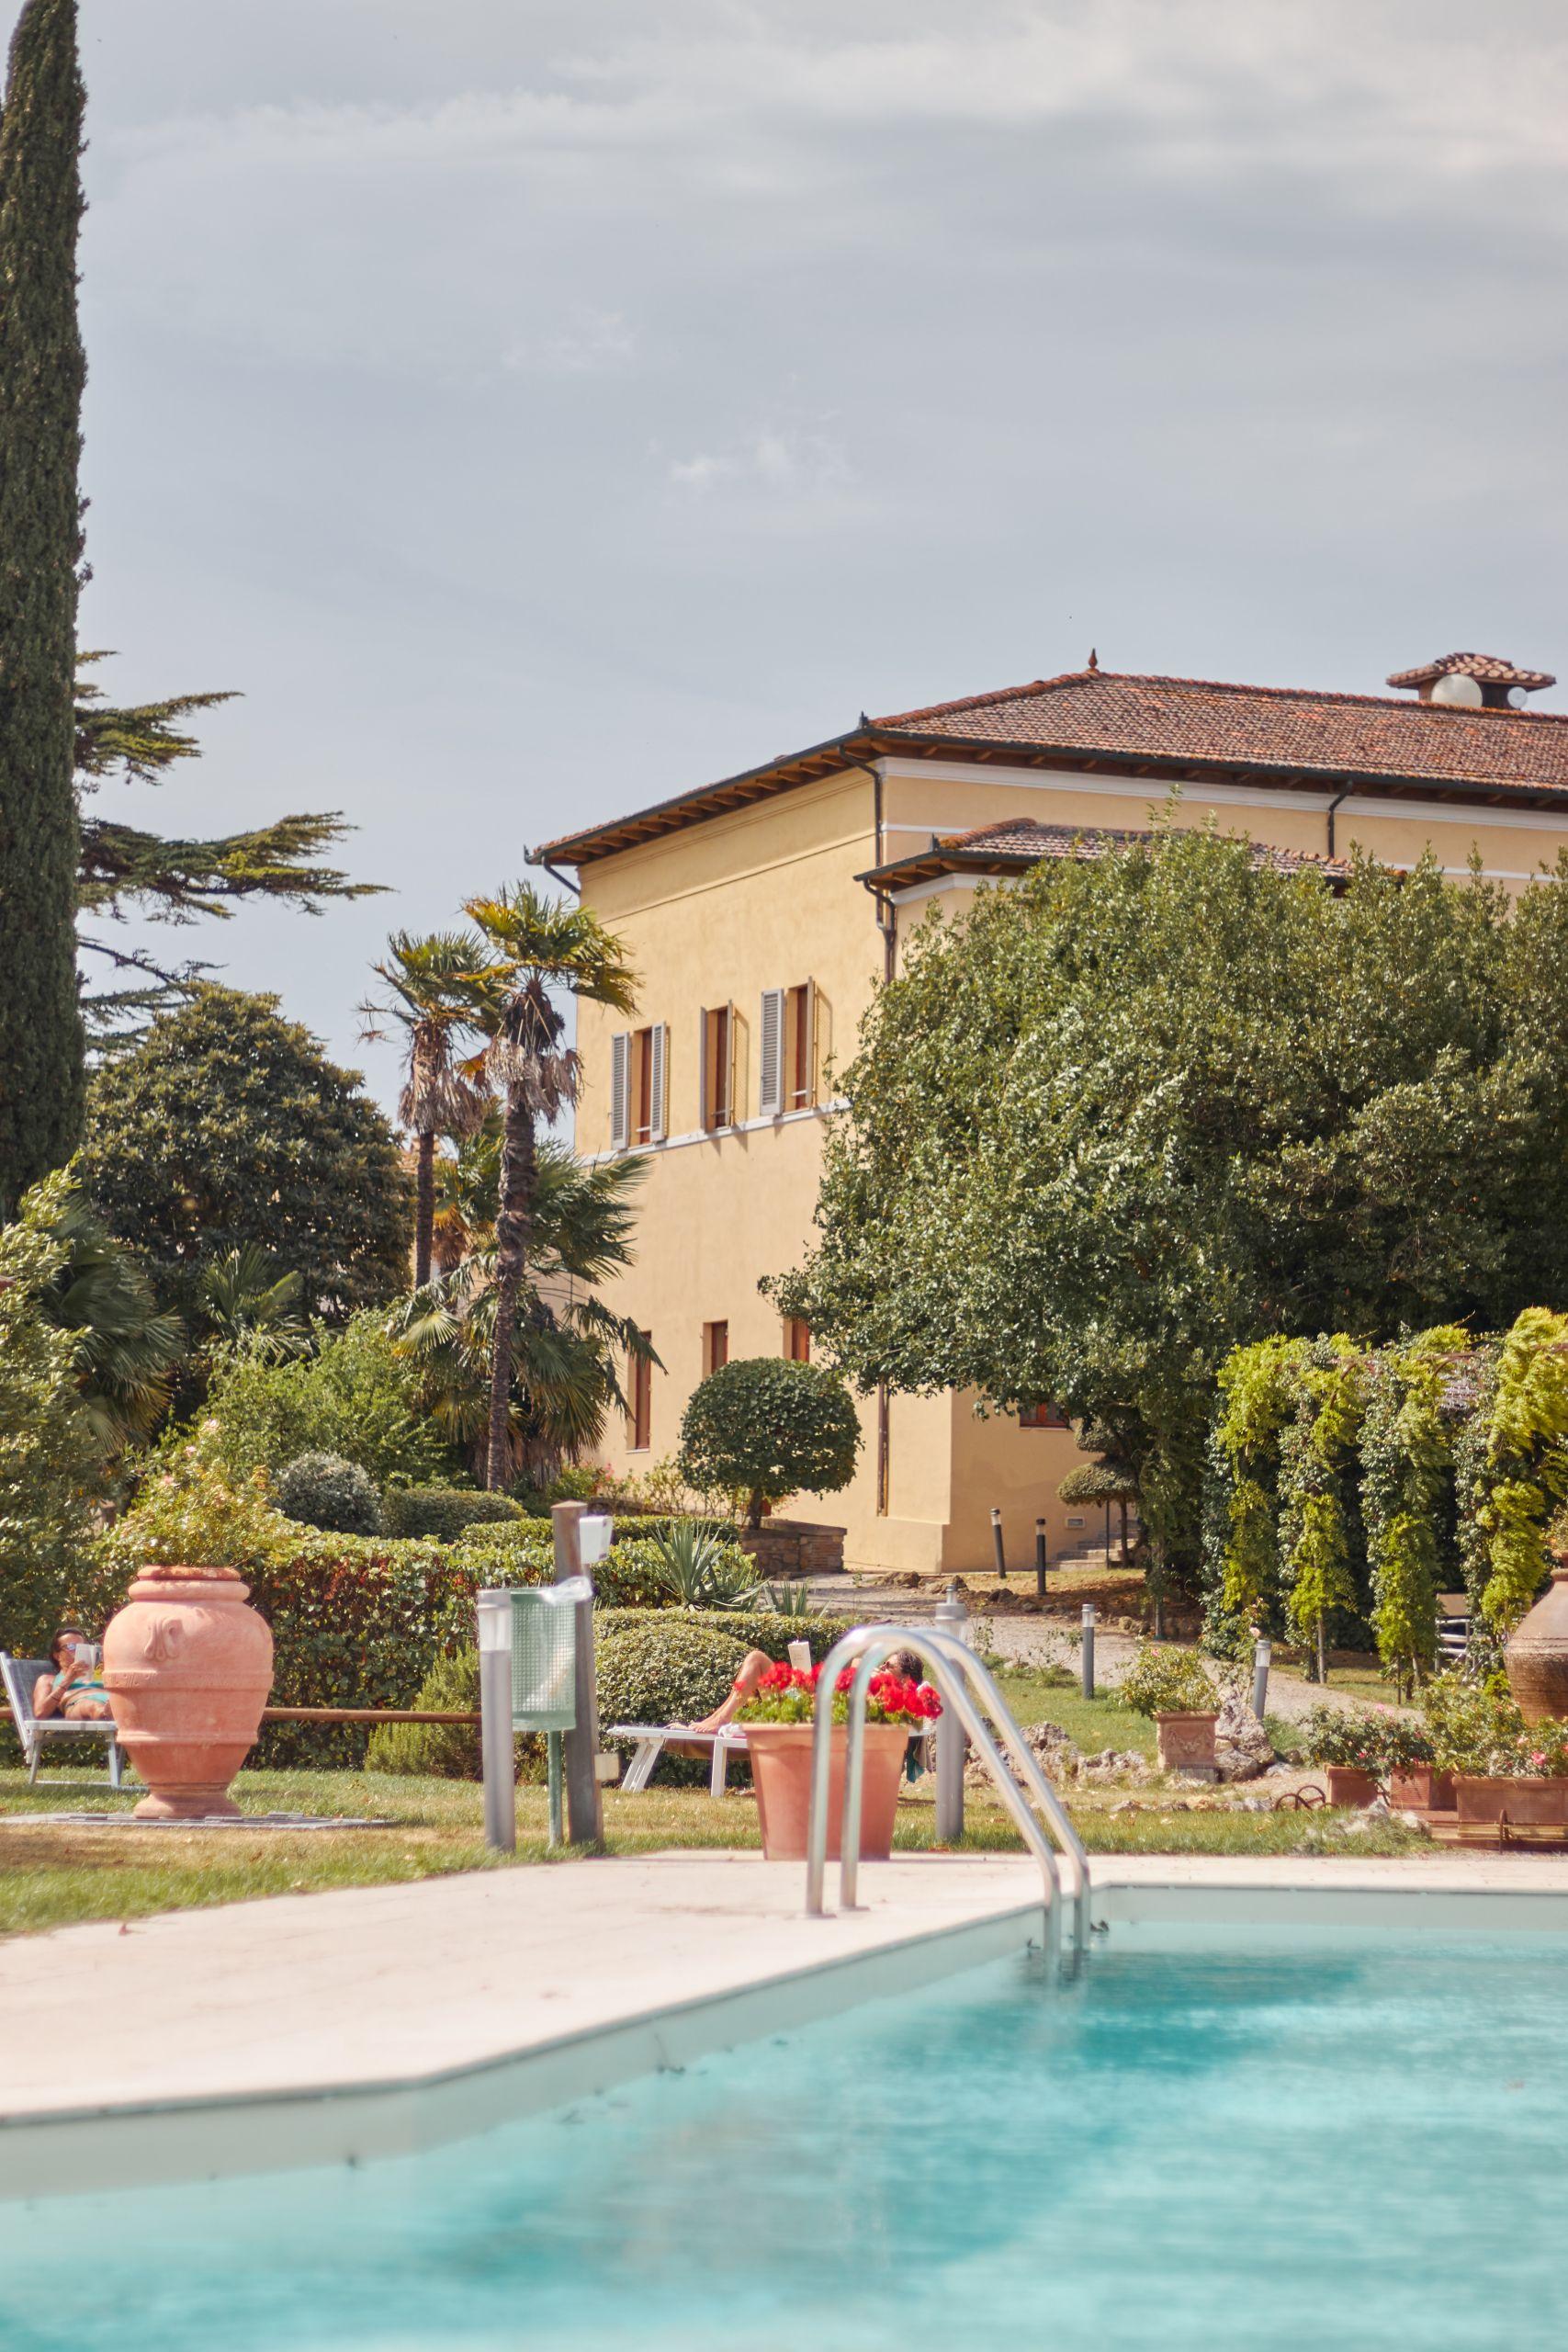 Swimmingpool der Villa Sabolini in der Nähe von San Gimignano beim Toskana Roadtrip